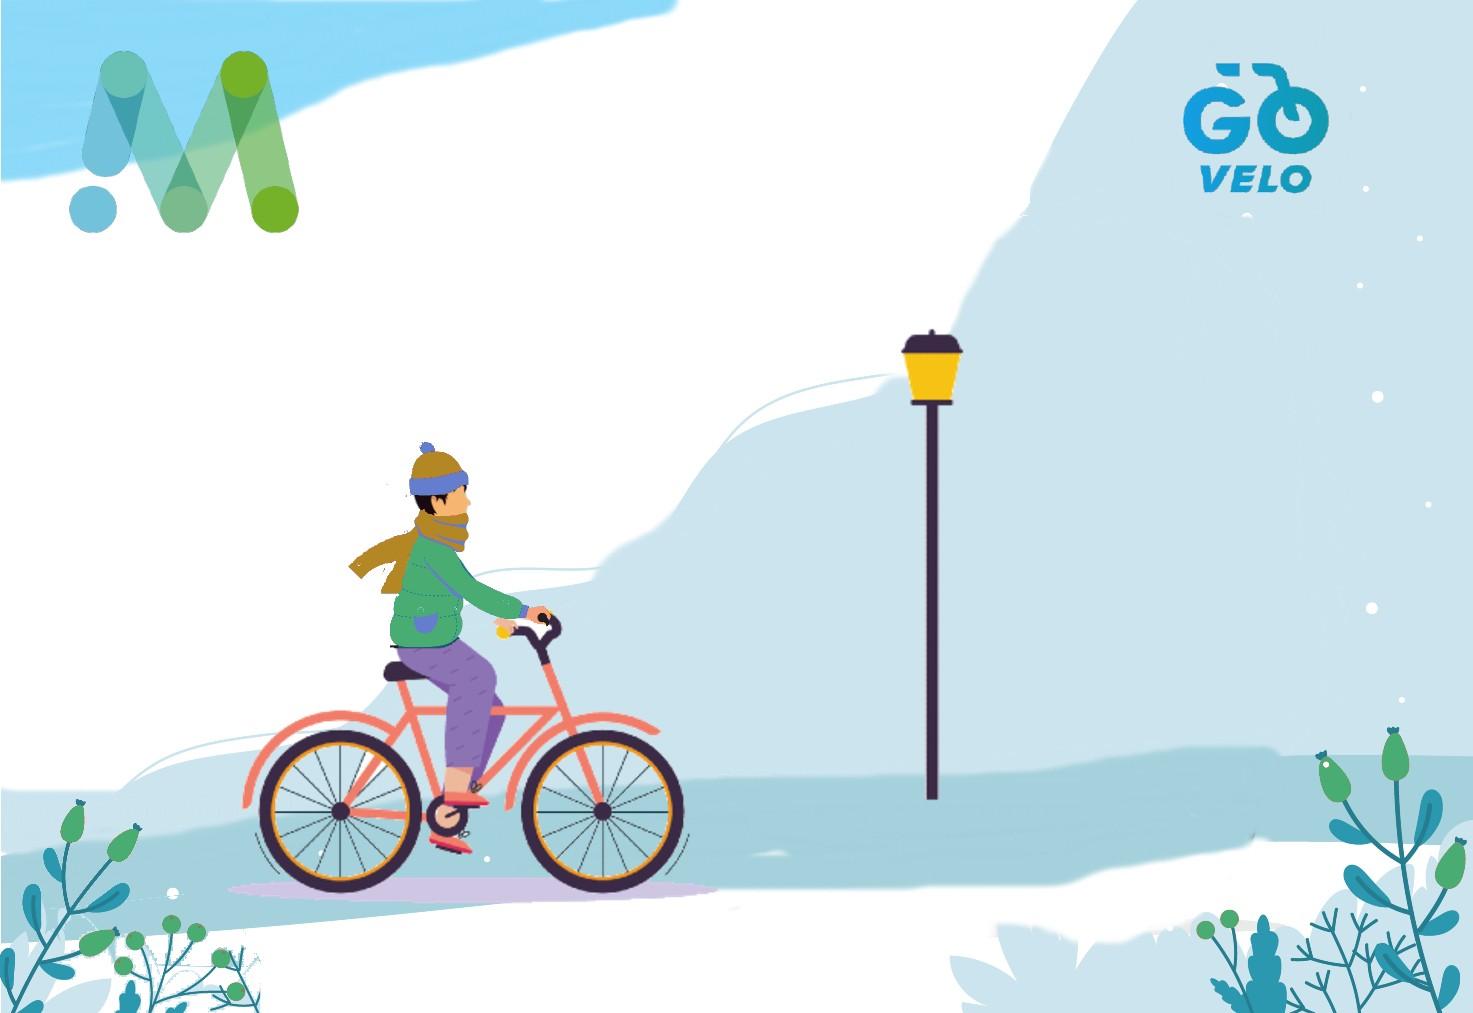 Onderhoud van je fiets in de winter